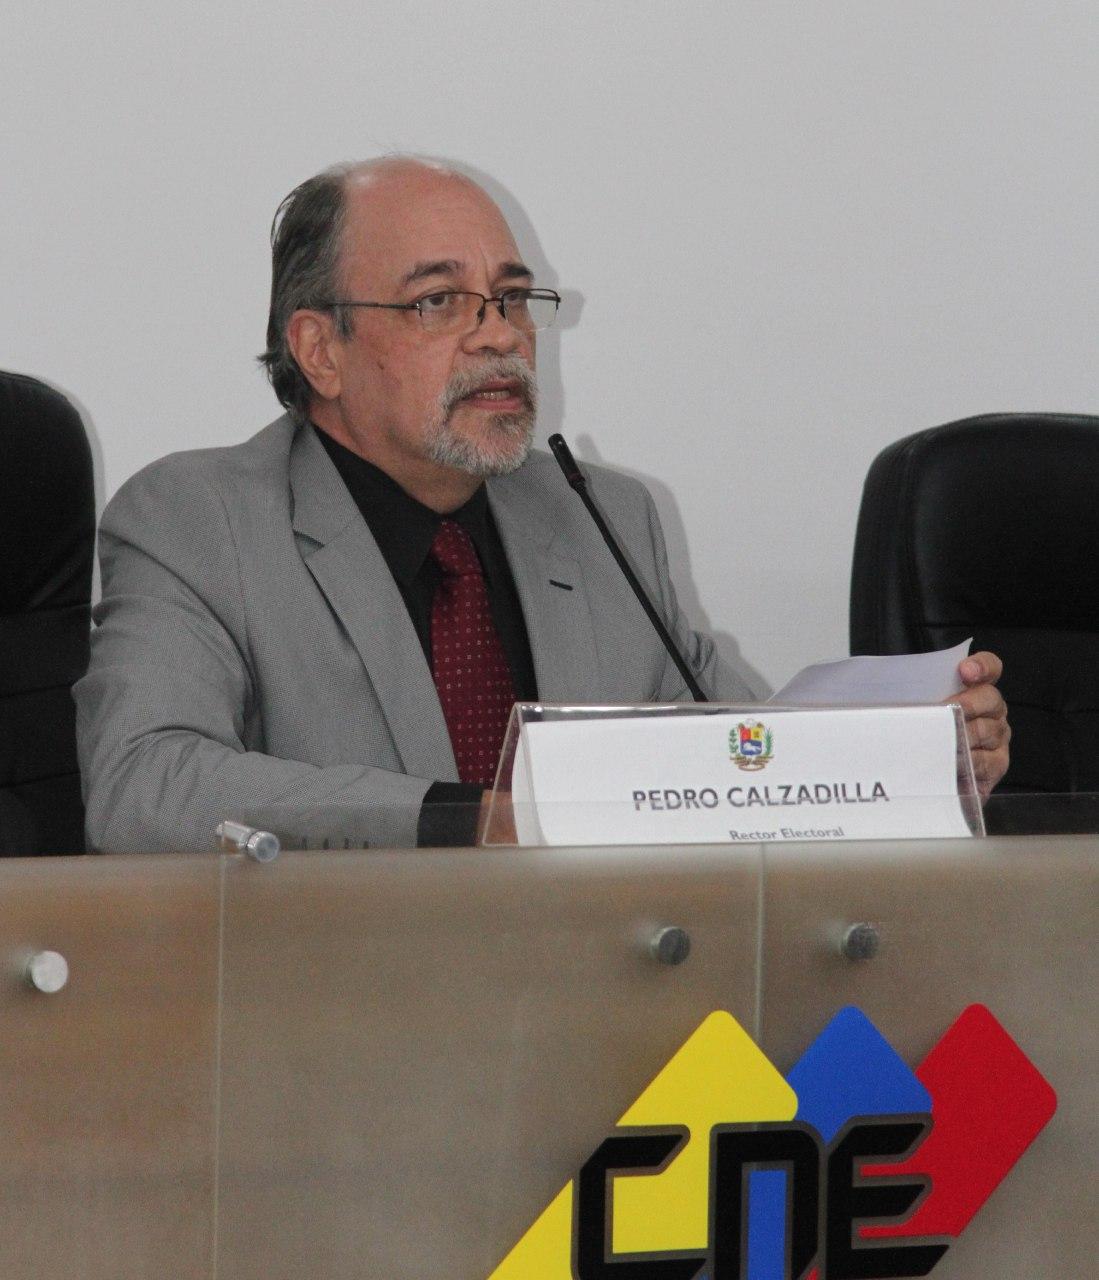 Pedro Calzadilla